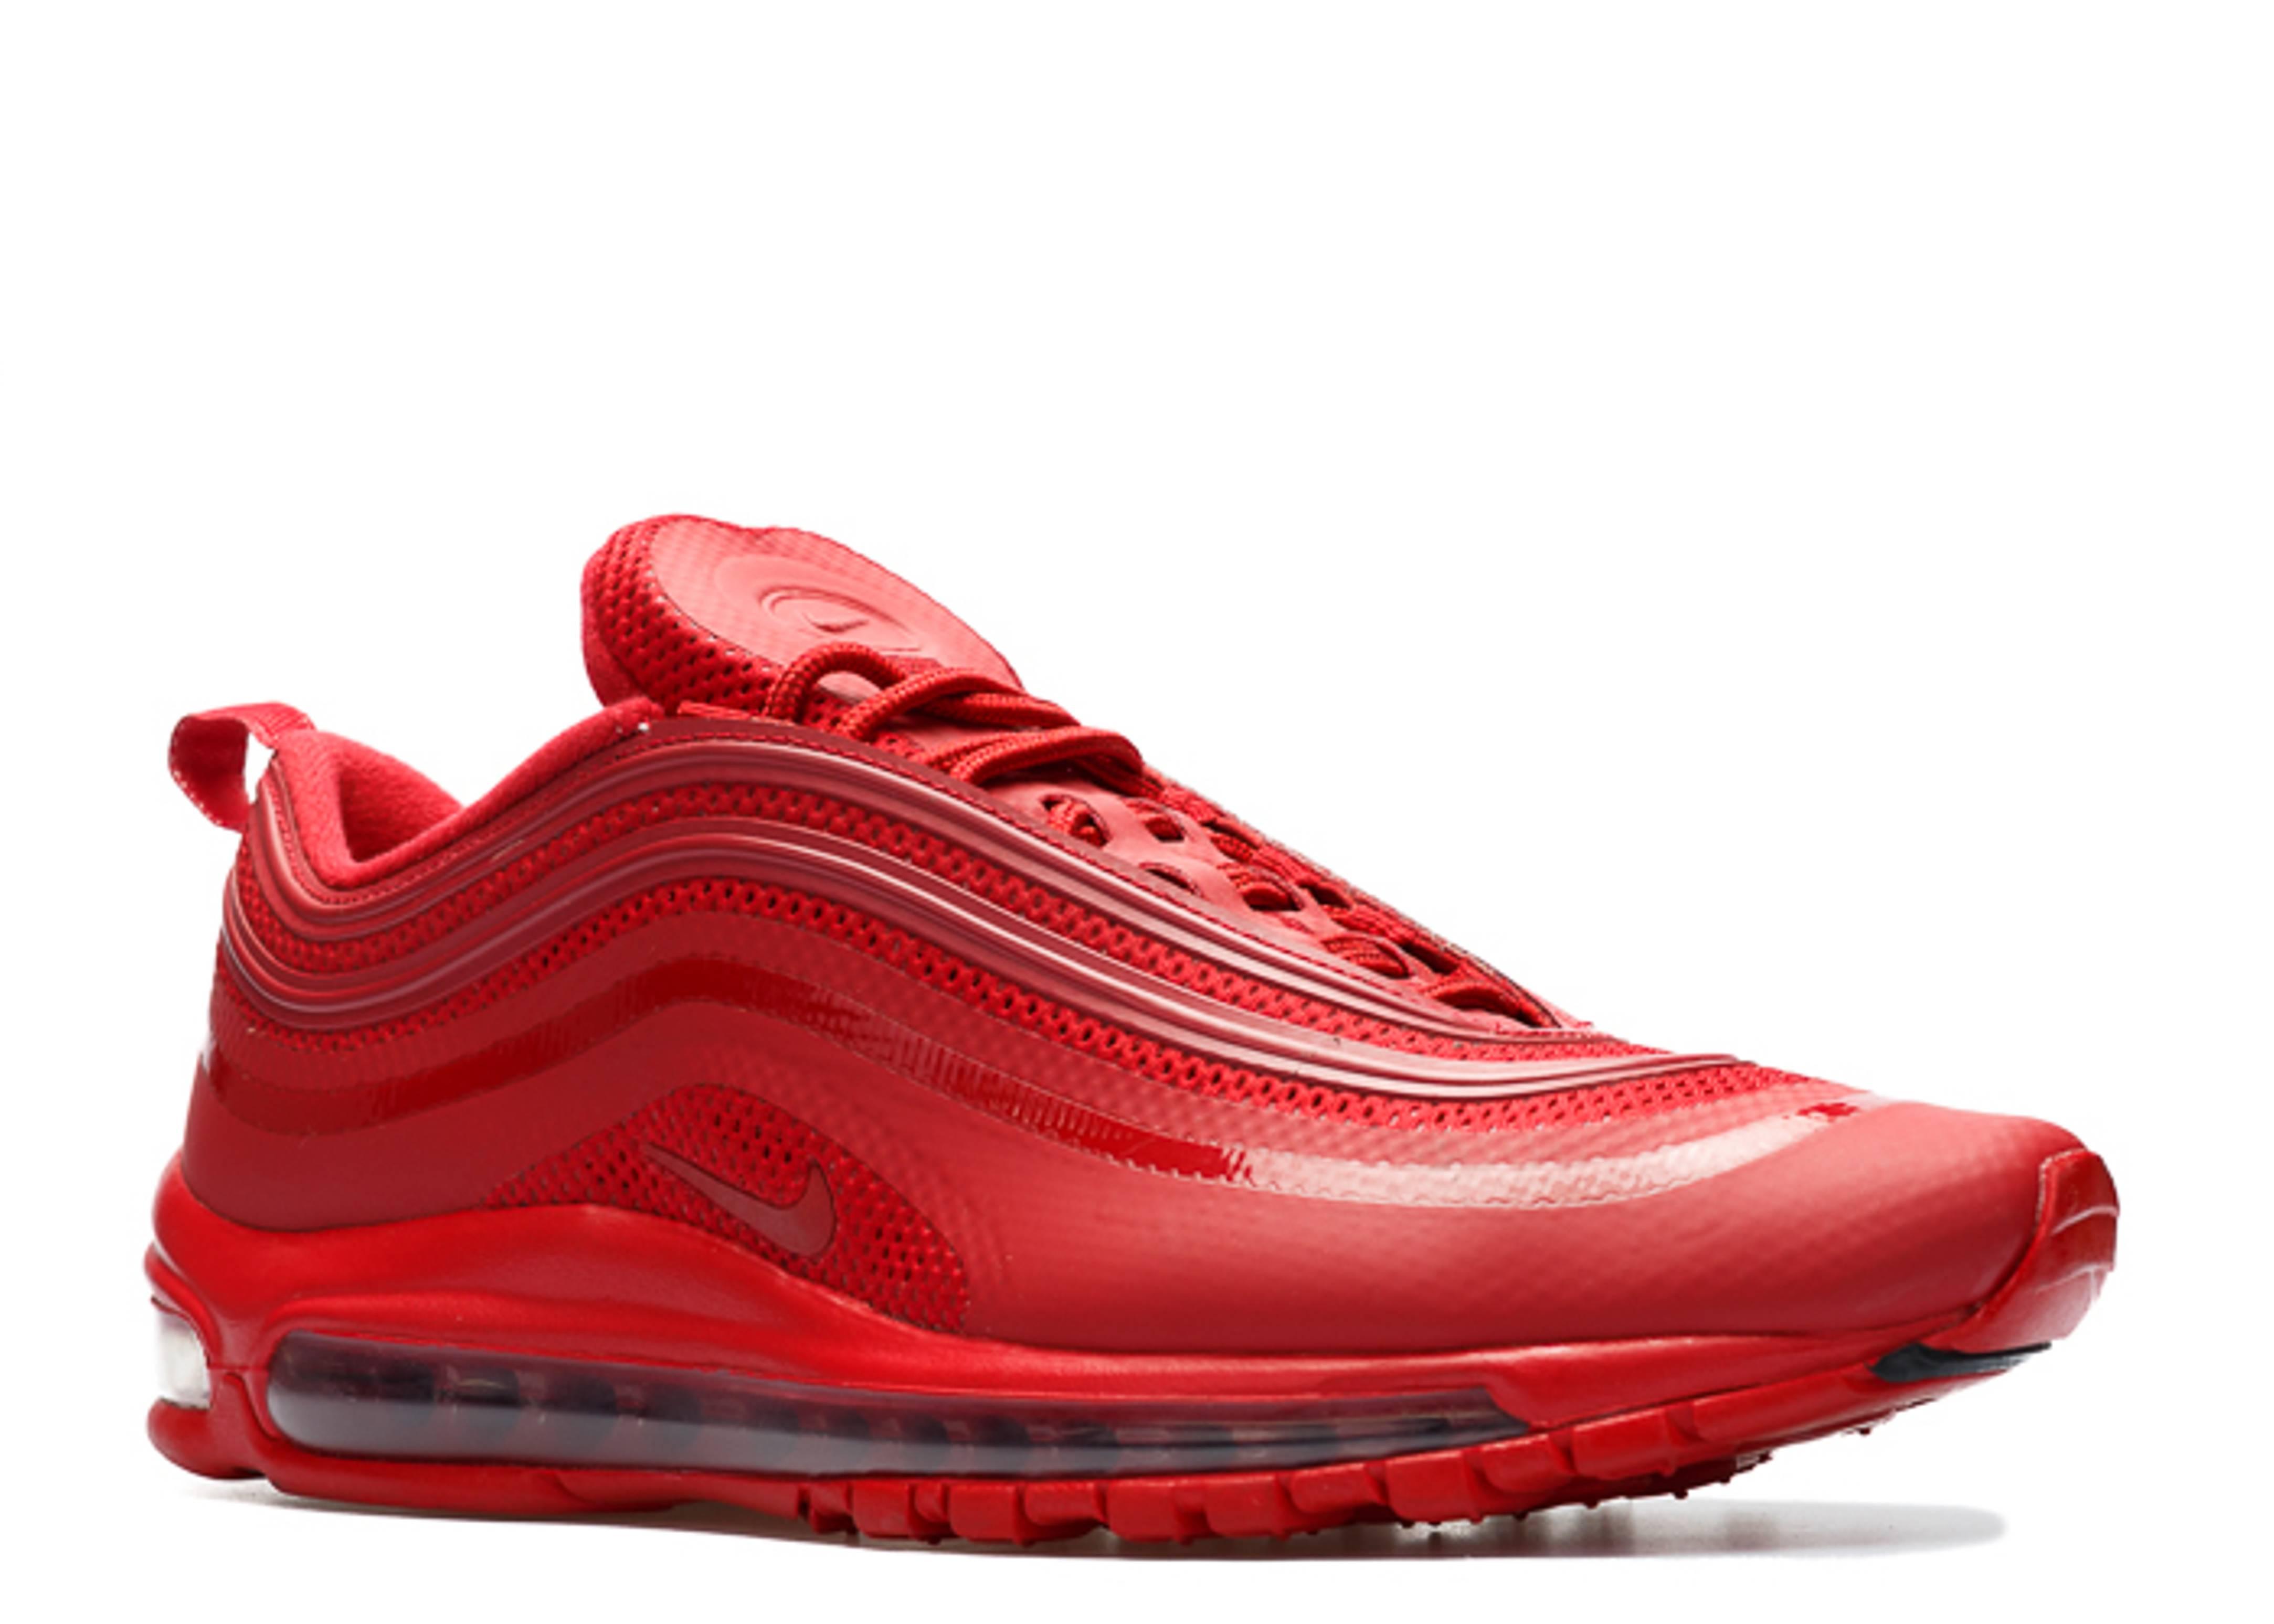 the best attitude 45fdc ffa9f Air Max 97 Hyperfuse - Nike - 518160 661 - gym red/gym red-black-ntrl gry |  Flight Club